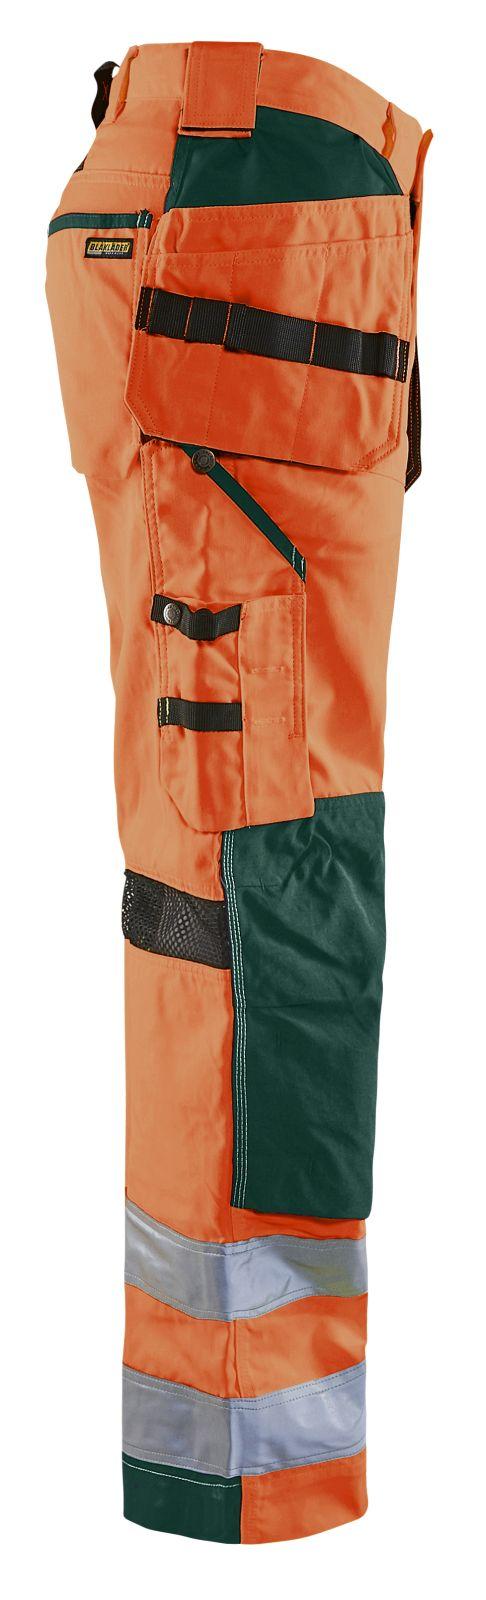 Blaklader Broeken 15651811 High Vis fluo oranje-groen(5349)